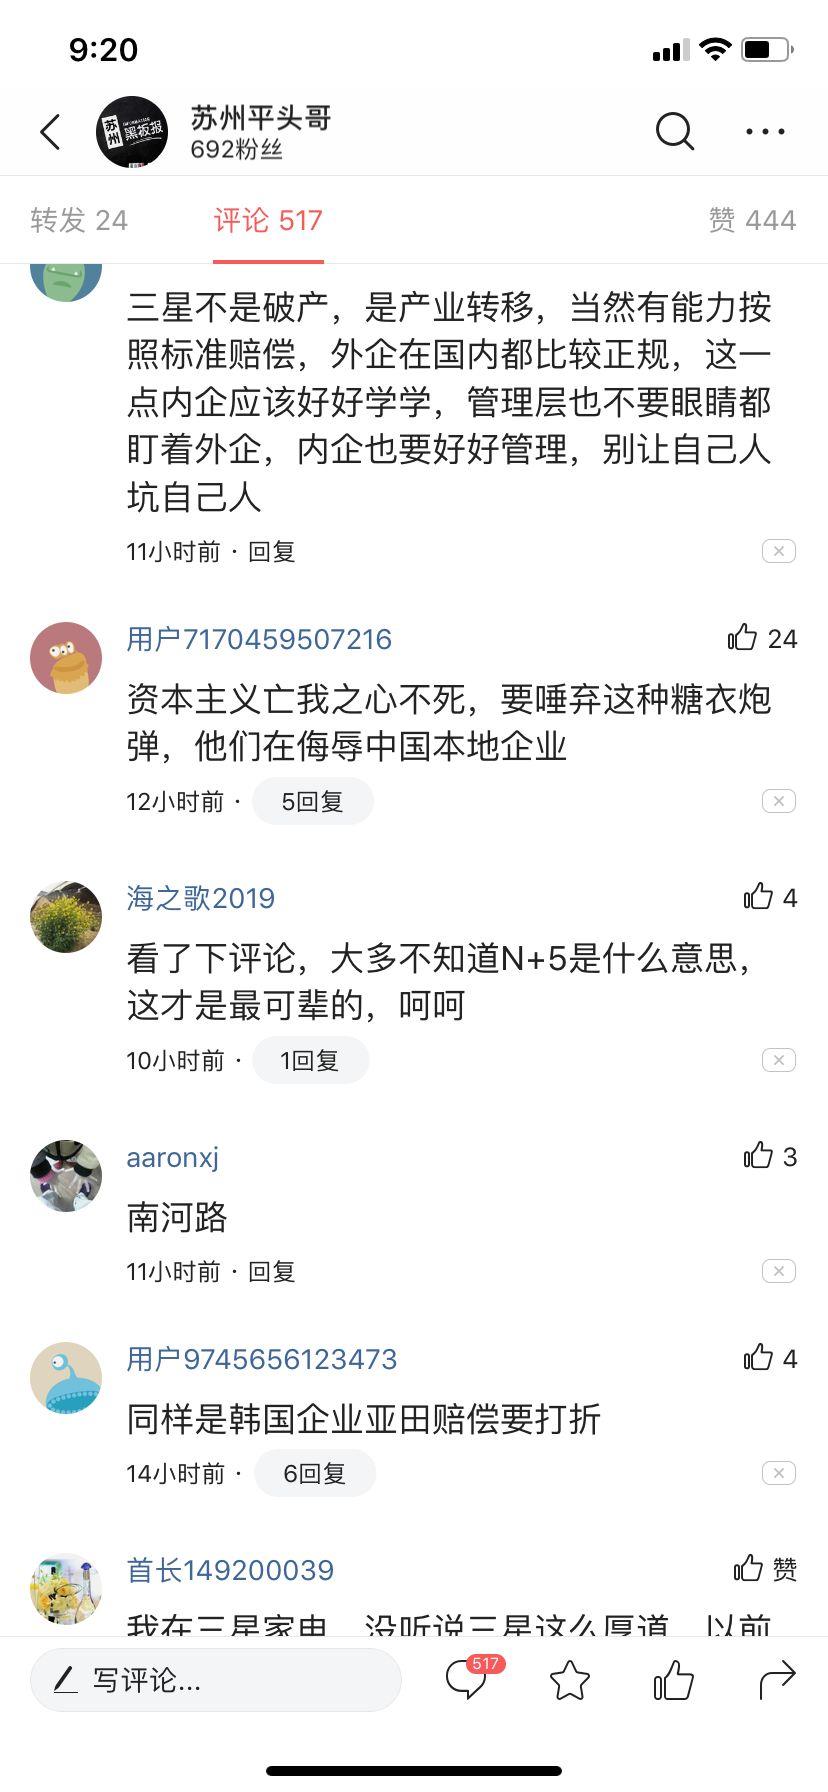 三星关闭昆山工厂撤离中国,员工赔偿N+5,对比国内企业引得网友热议 4